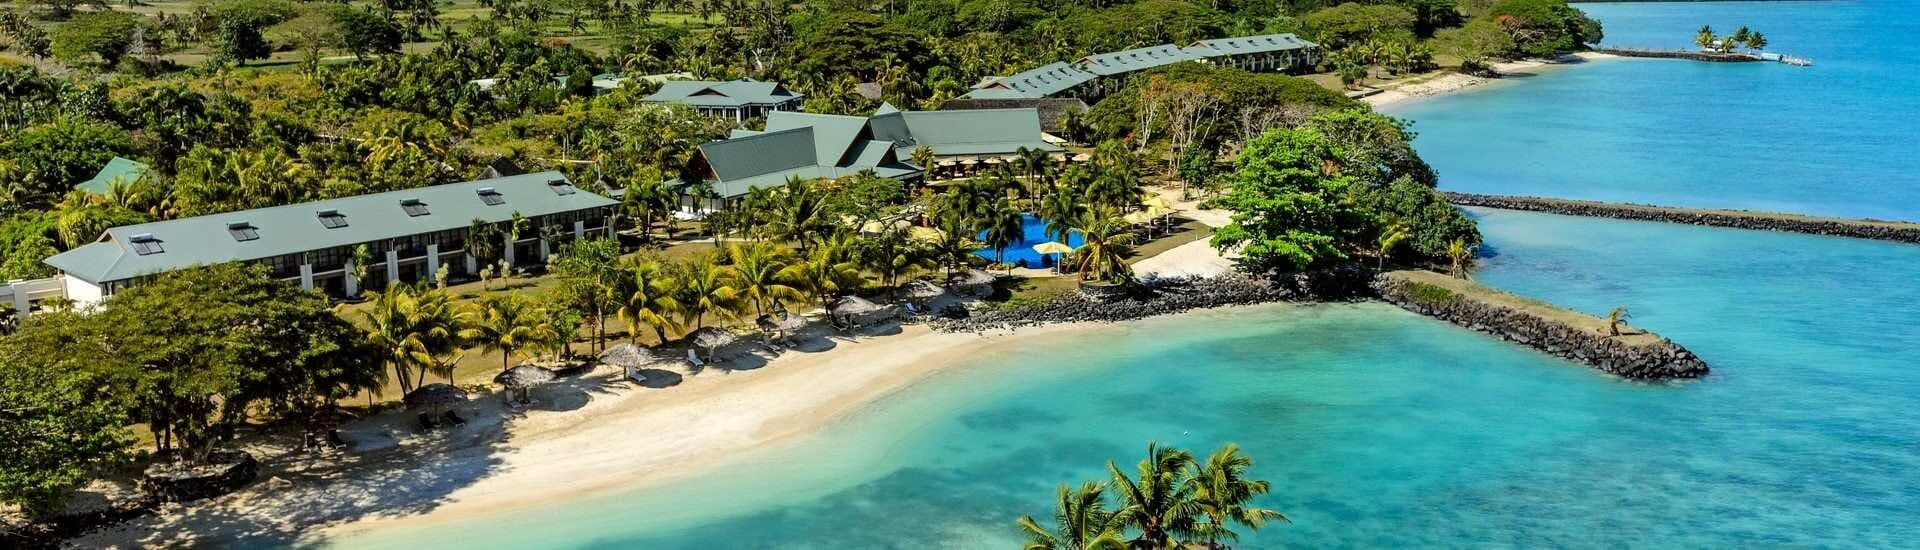 Sheraton Samoa Beach Resort Hero Image of Resort & Beach